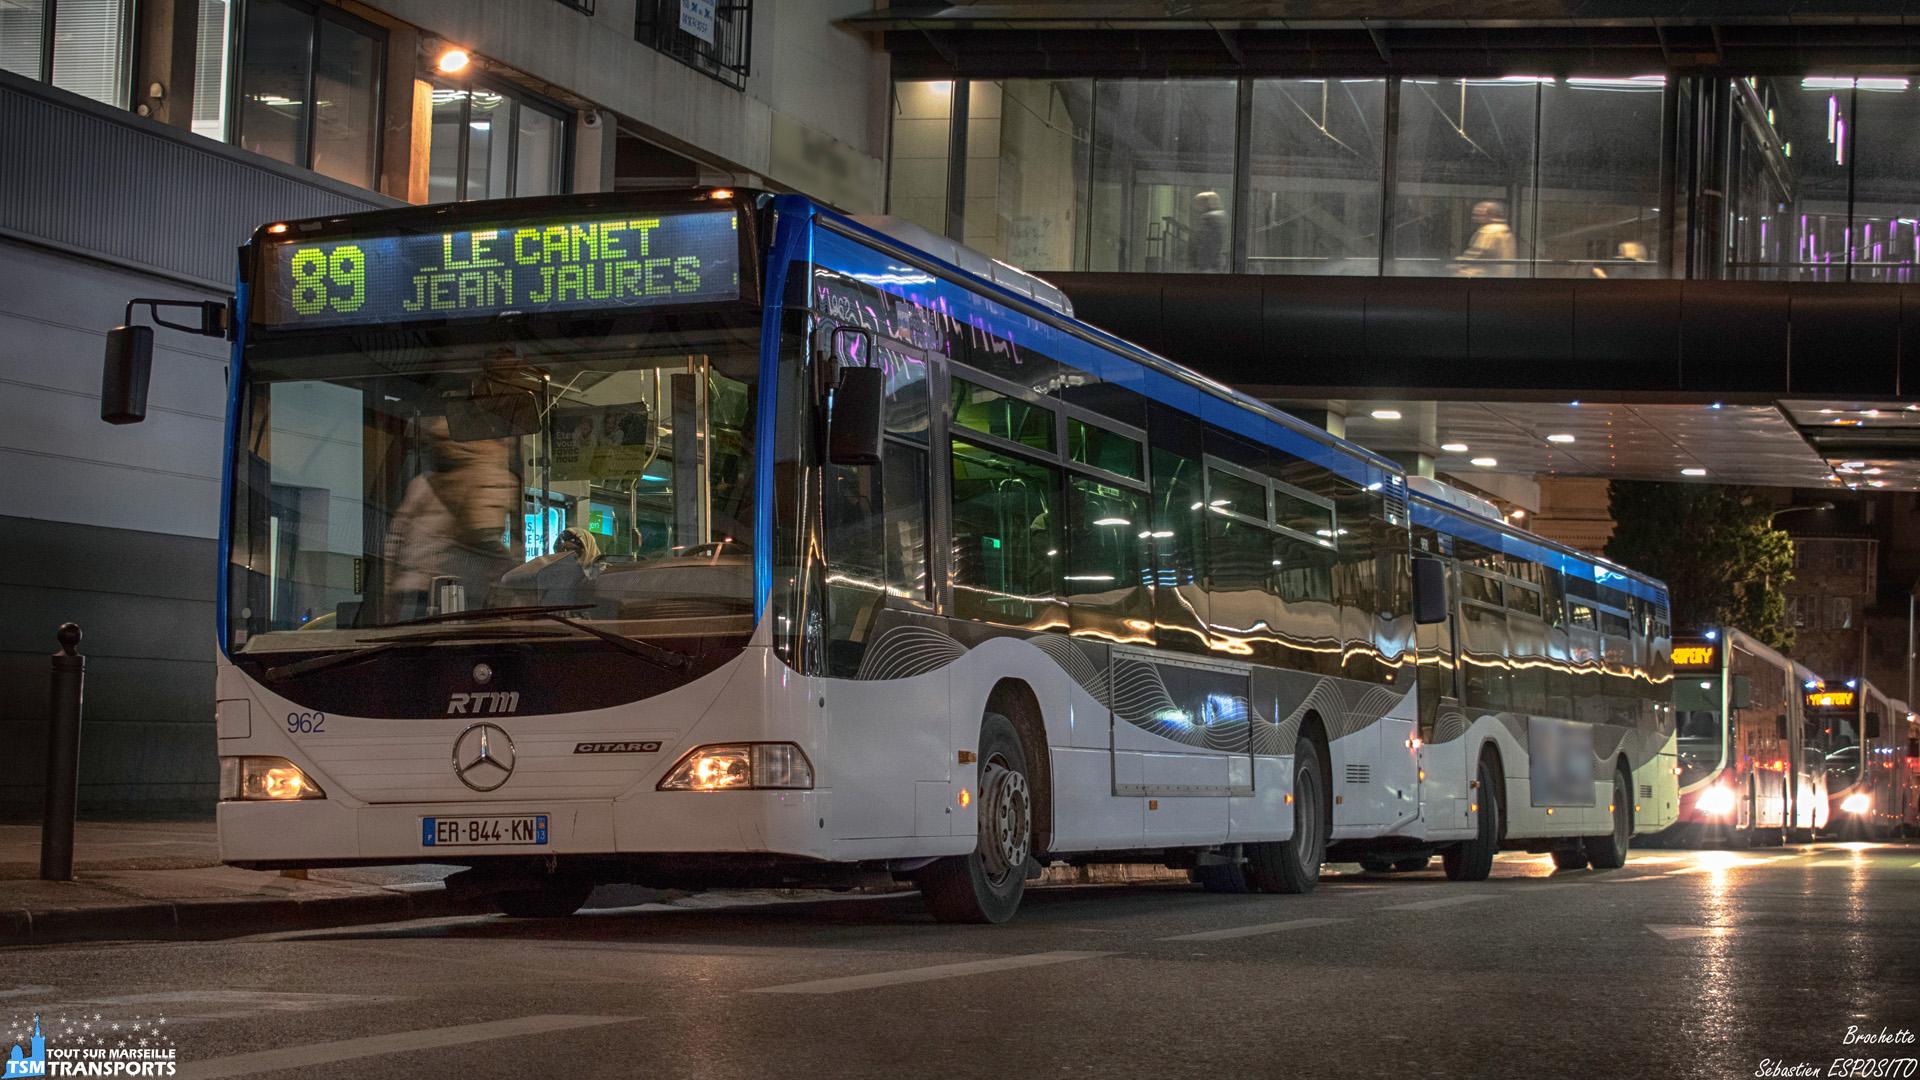 Brochette Allemande sur la Rue de Bir Hakeim et en tête de gondole ce Citaro prend sa pause au terminus de la 89. . ℹ️ Mercedes Benz Citaro 1 RTM n°962. . 📍 Rue de Bir Hakeim, 1er arrondissement de Marseille. . ↔️ 89 : Canebière Bourse - Le Canet Jean Jaurès. . 📸 Nikon D5600. . 📷 Nikkor 18-55mm. . 📅 4 Février 2019 à 18:57. . 👨 Sébastien ESPOSITO.